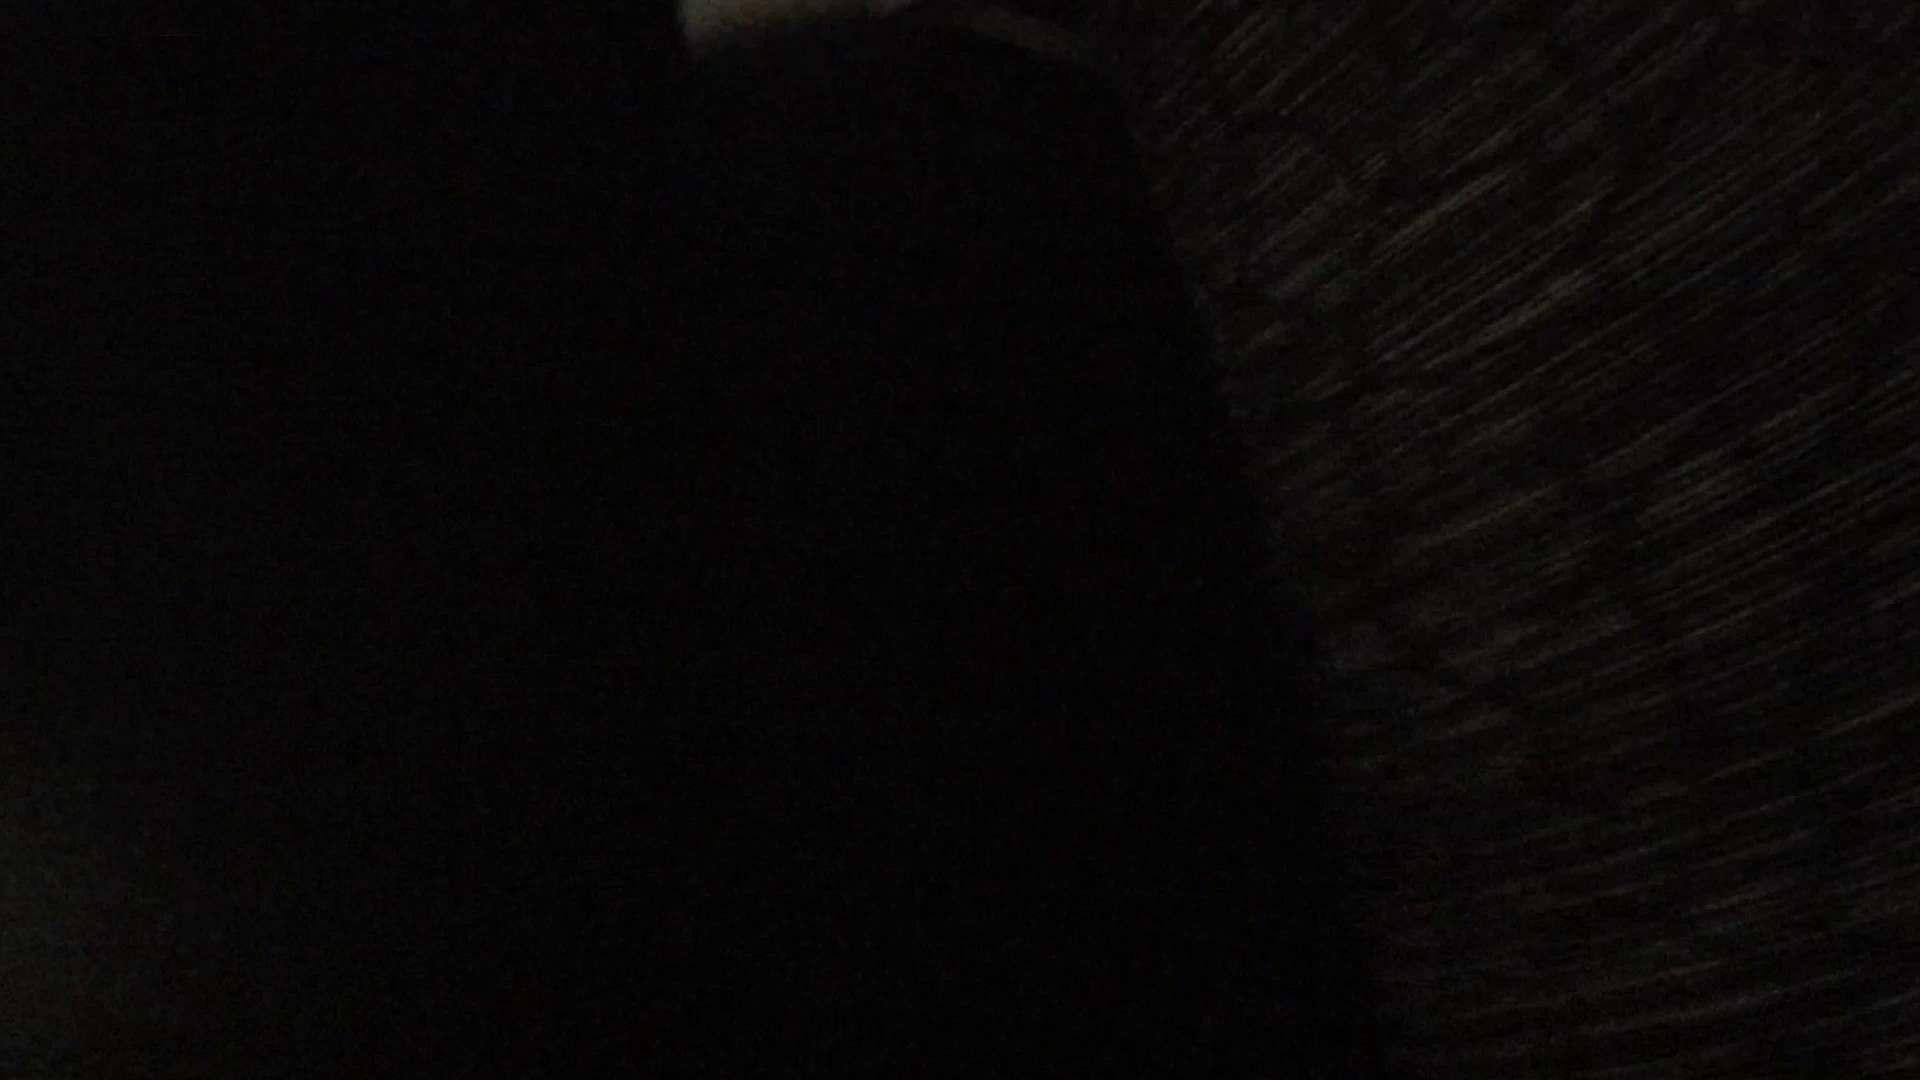 悪戯ネットカフェ Vol16 前篇 JD系モリマン発見!! いじくり エロ無料画像 106枚 28